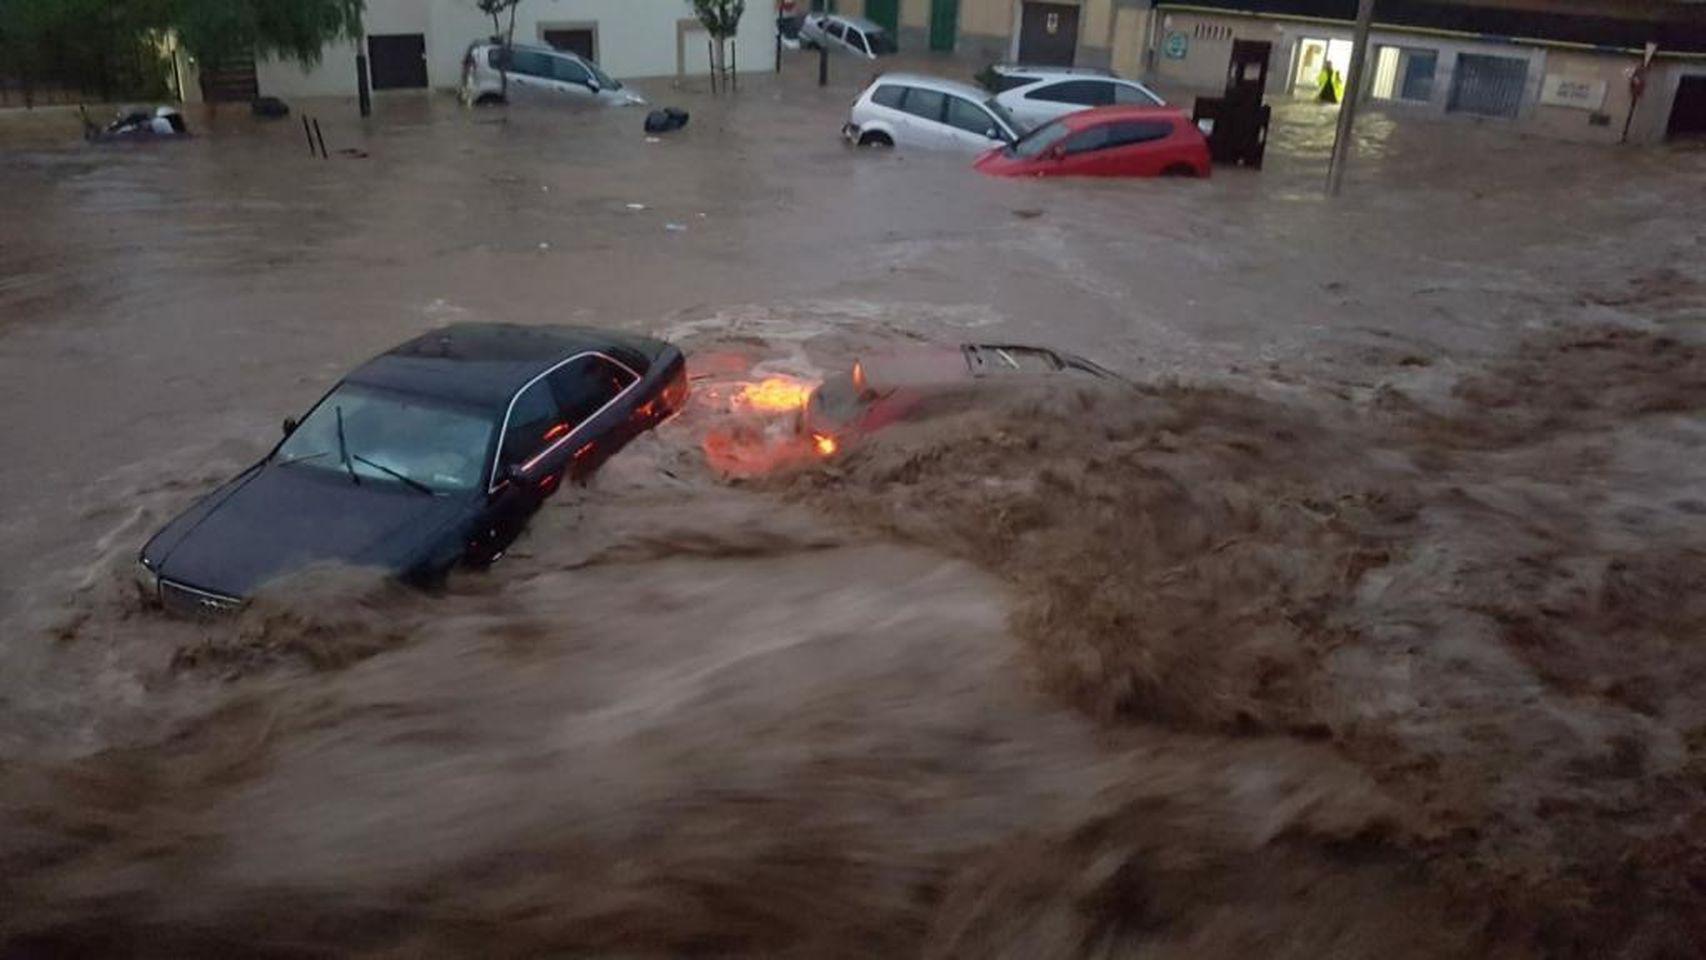 Una riada en Mallorca deja al menos 5 muertos y varios desaparecidos. / EE